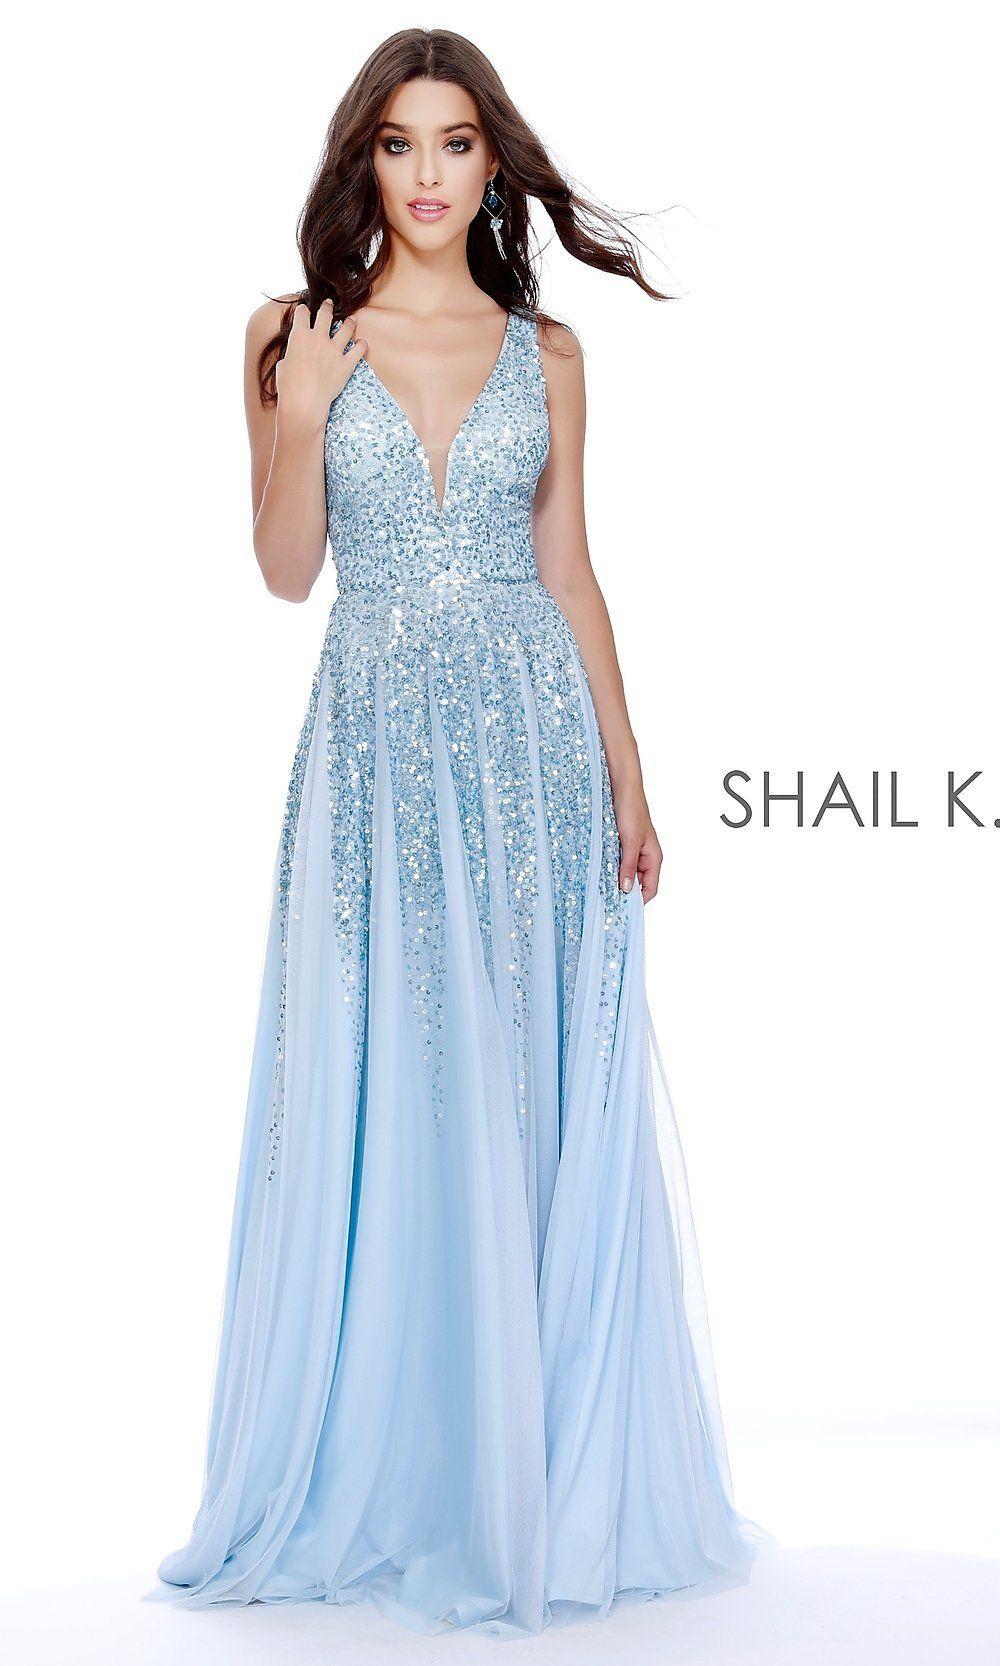 1e6a904772c Shail K A-Line Long V-Neck Prom Dress - PromGirl